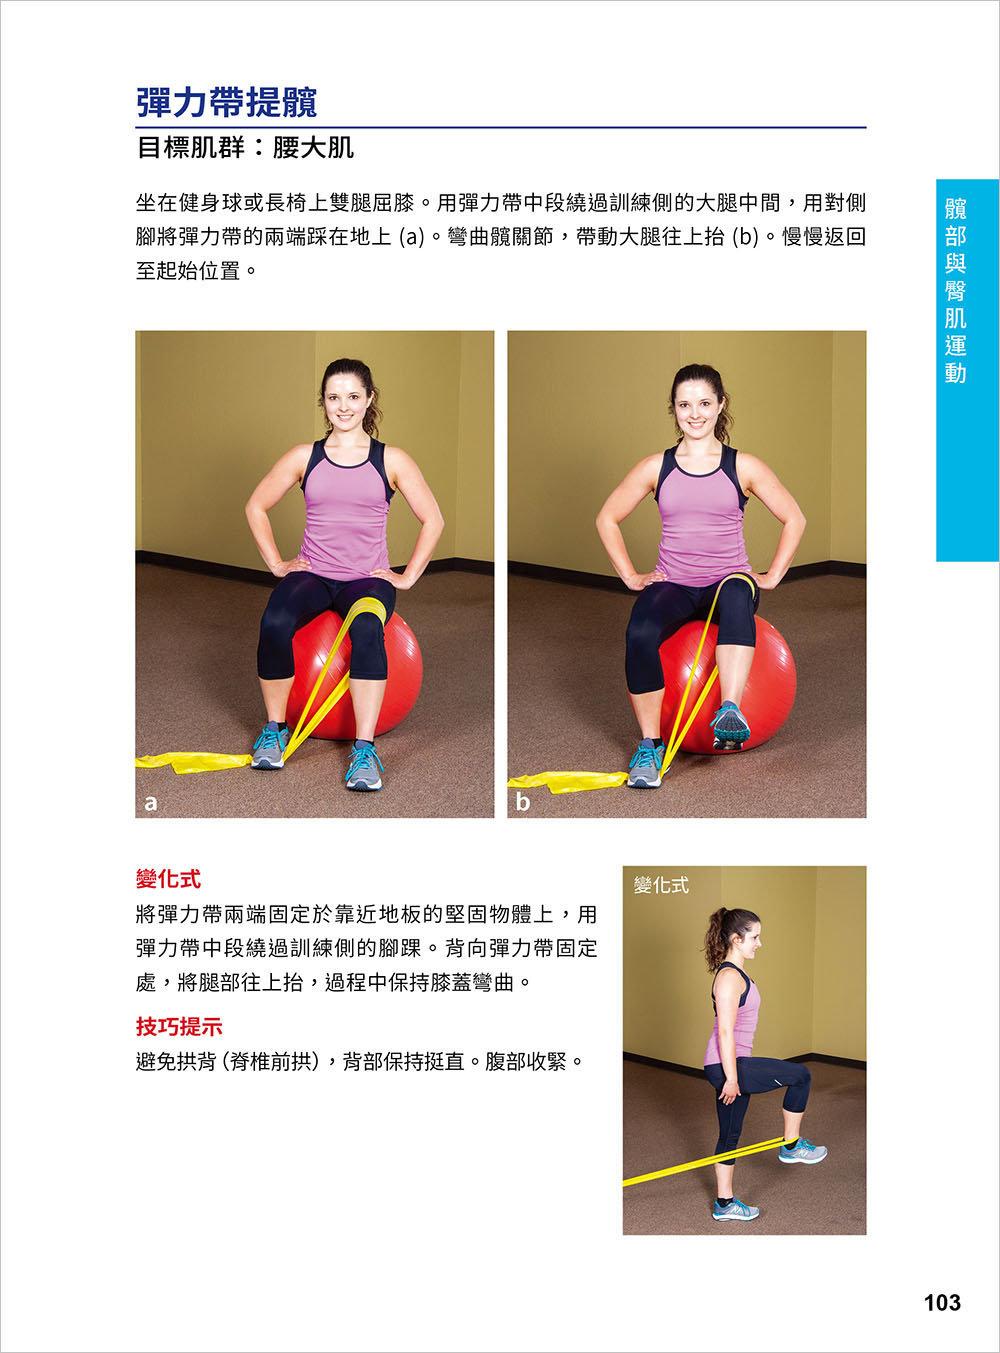 彈性阻力帶肌力訓練大全 162 式最新版 : 健身與功能性訓練、復健與預防肌少症 全適用-preview-5